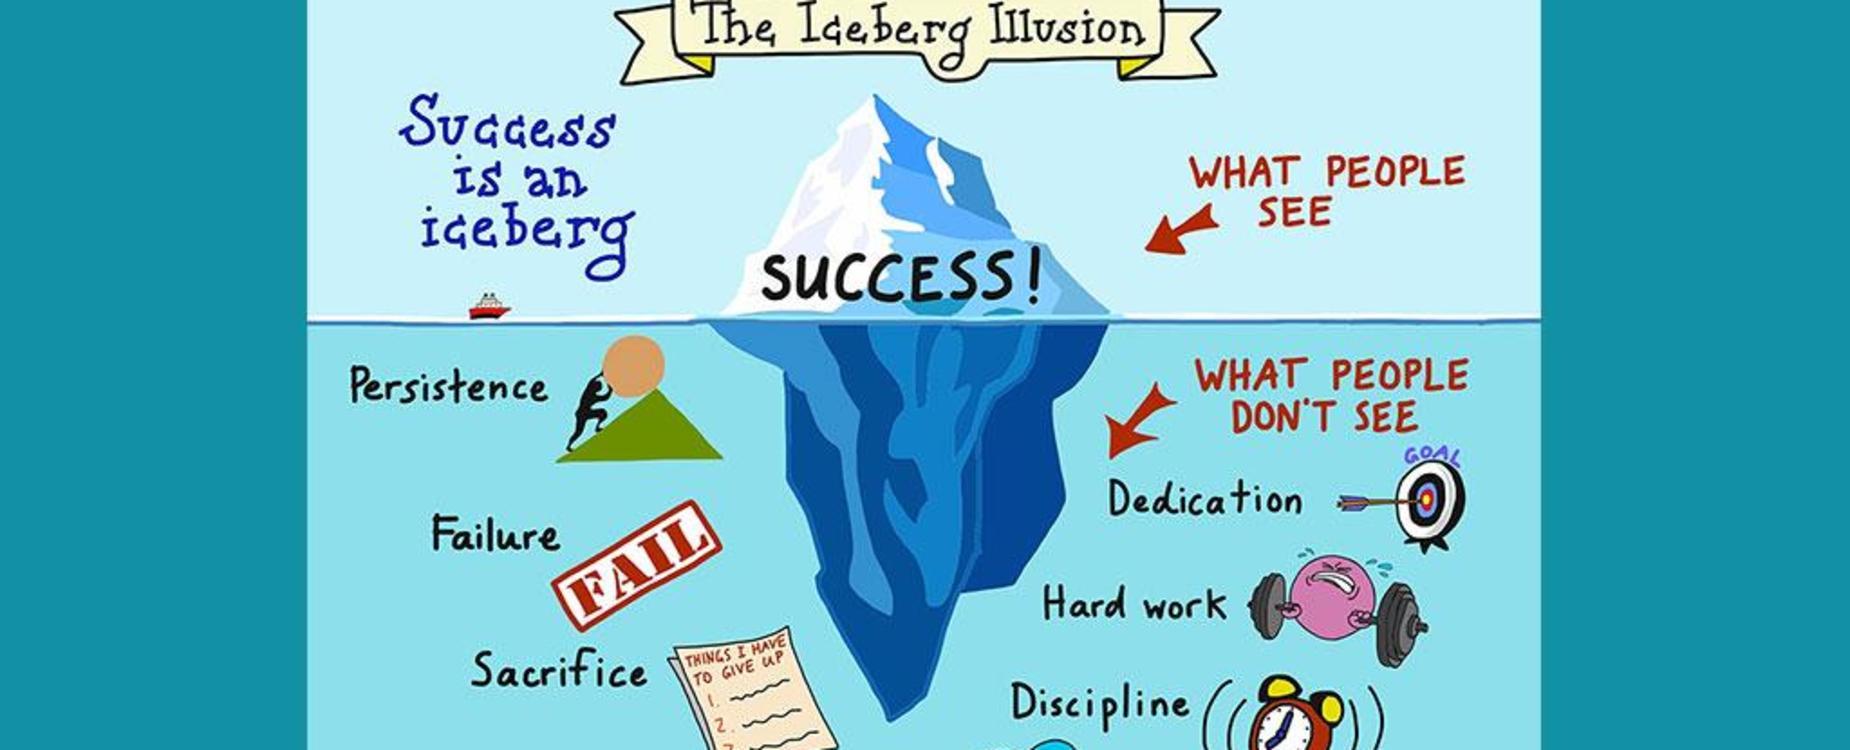 SUCCESS IS AN ICEBURG